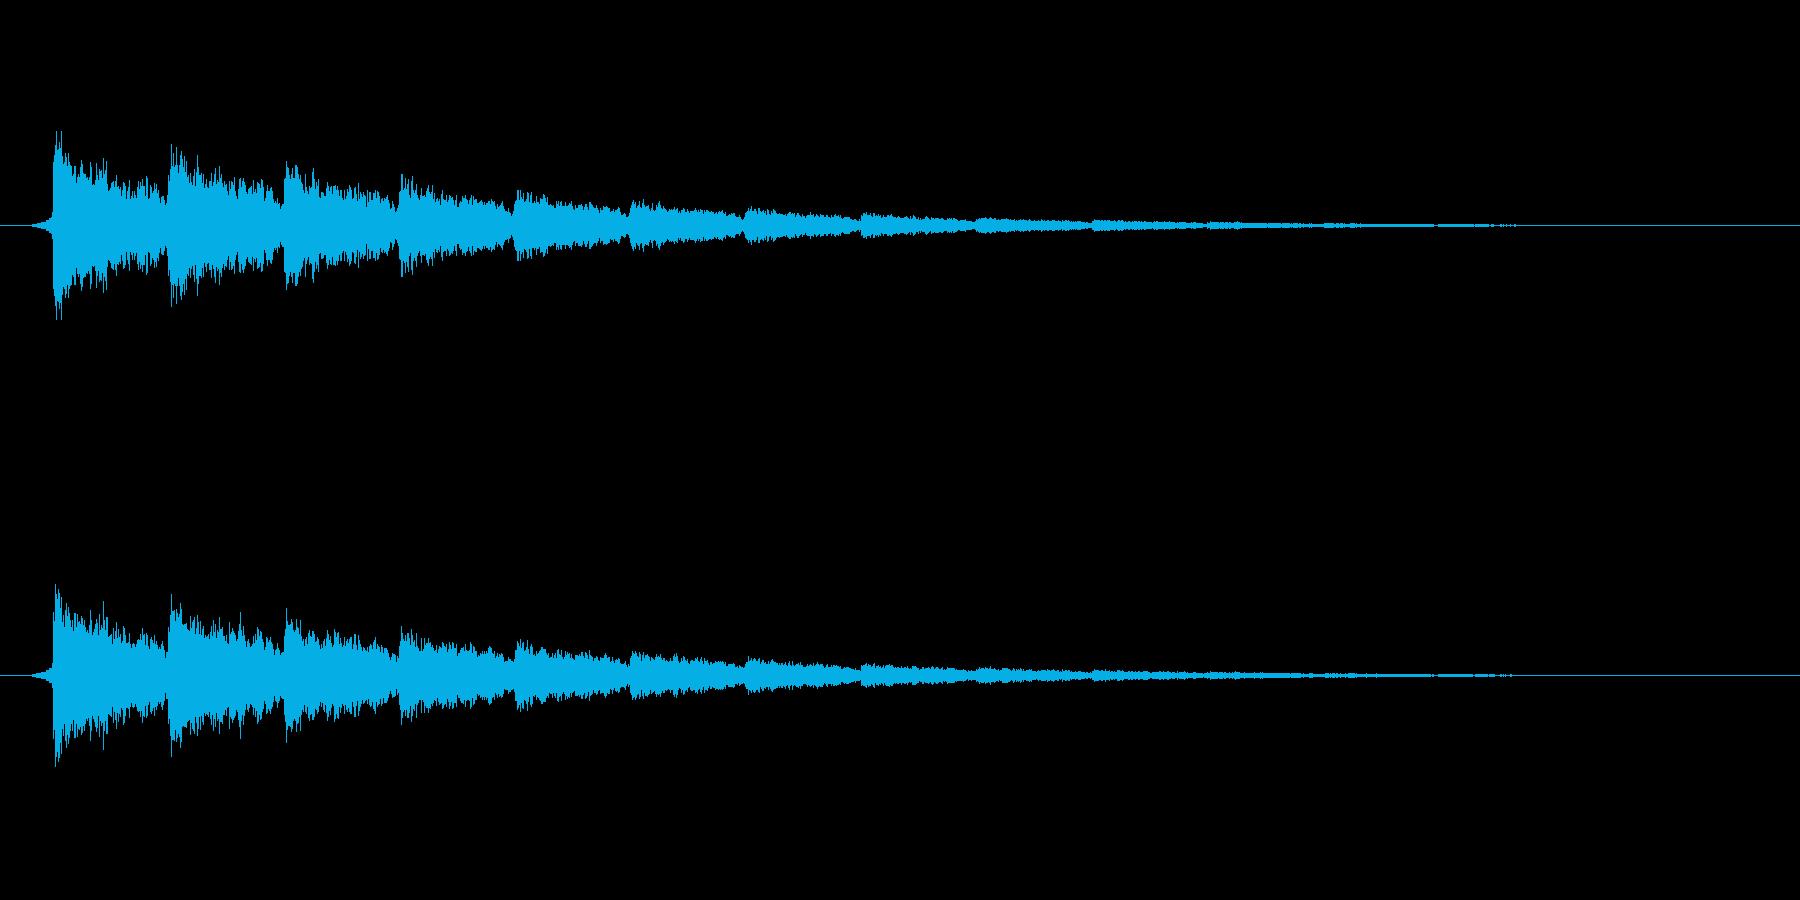 【衝撃07-3】の再生済みの波形